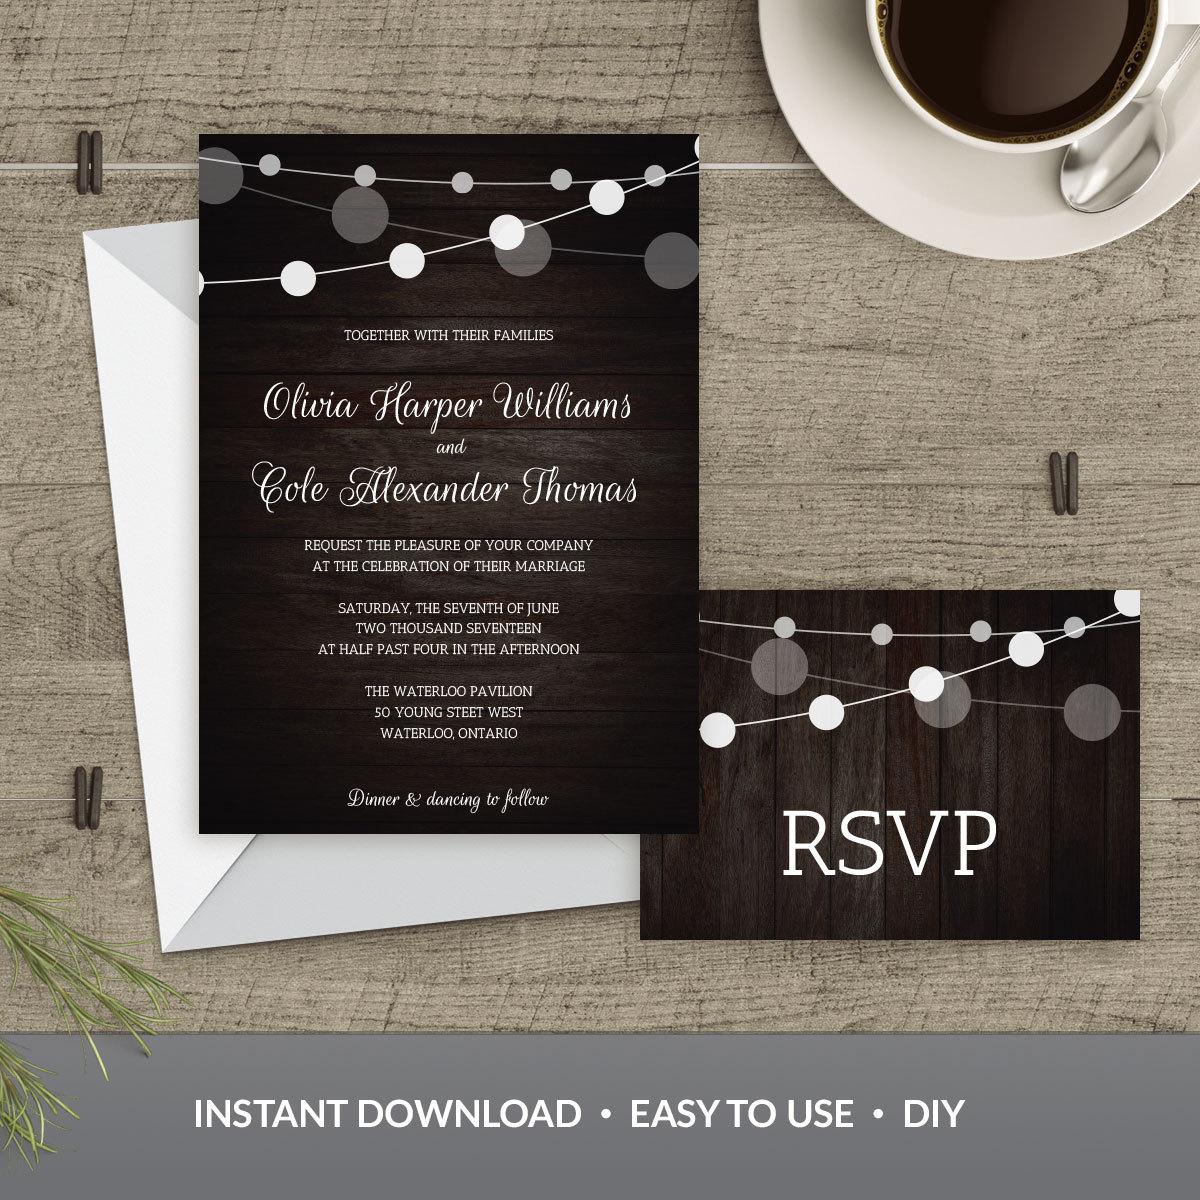 Plantilla de invitación de boda luces de cuerda y madera | Etsy